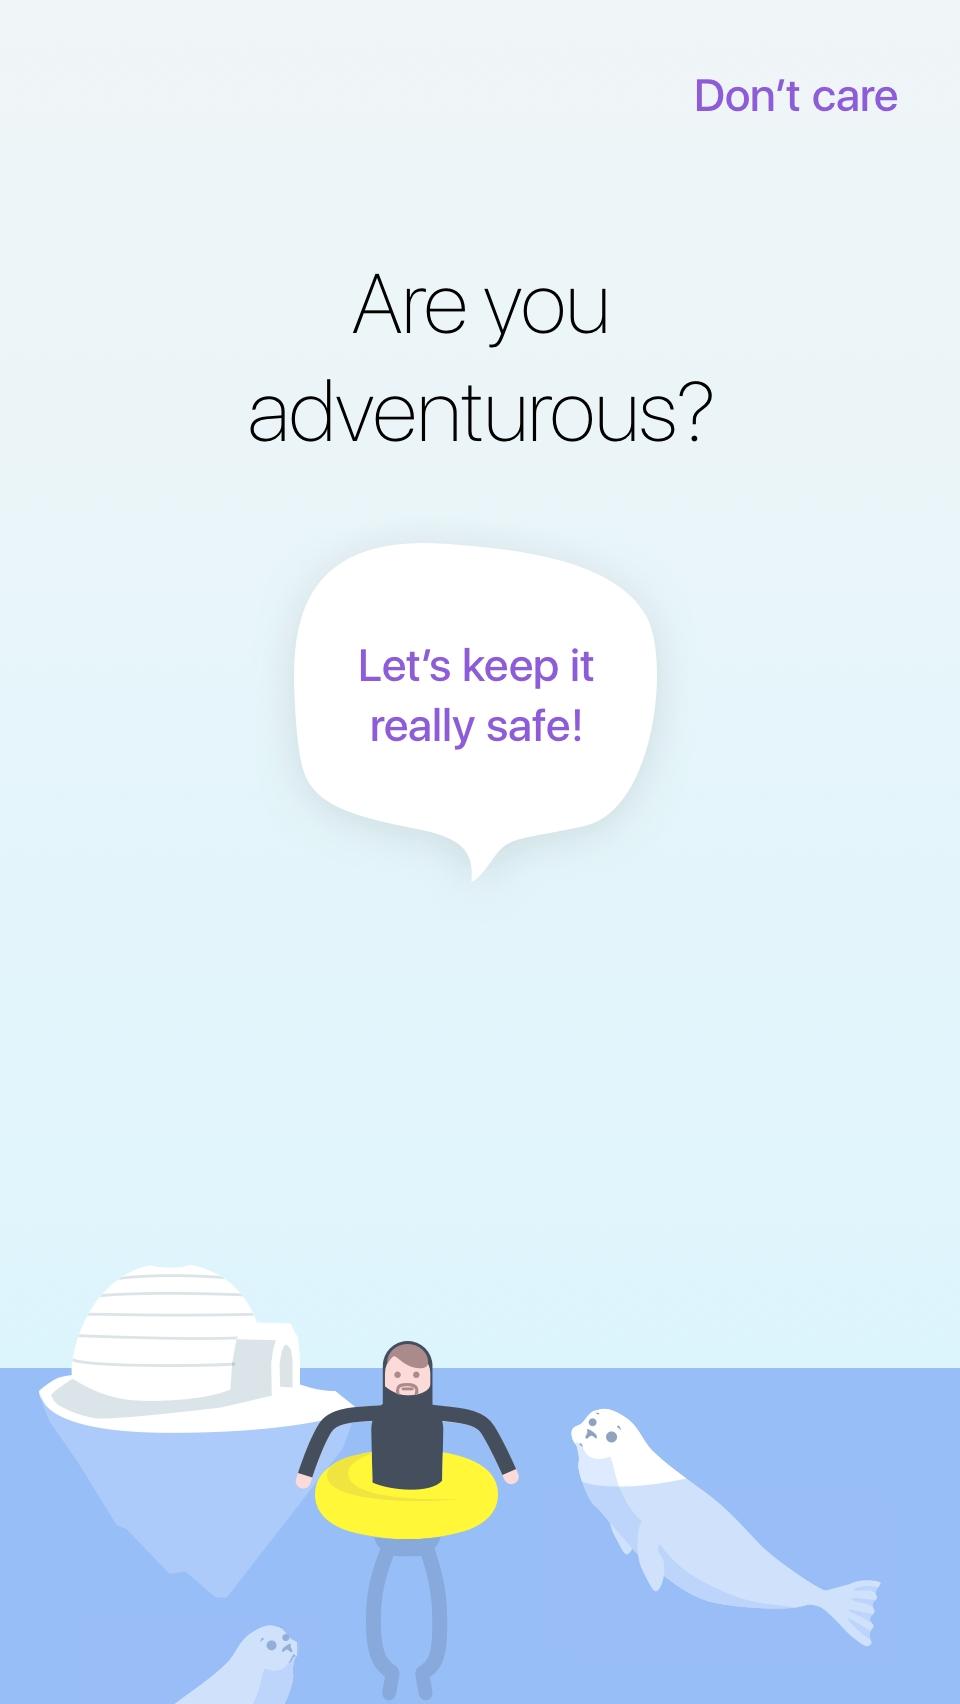 ULYSS – erster Reiseziel Finder mit künstlicher Intelligenz